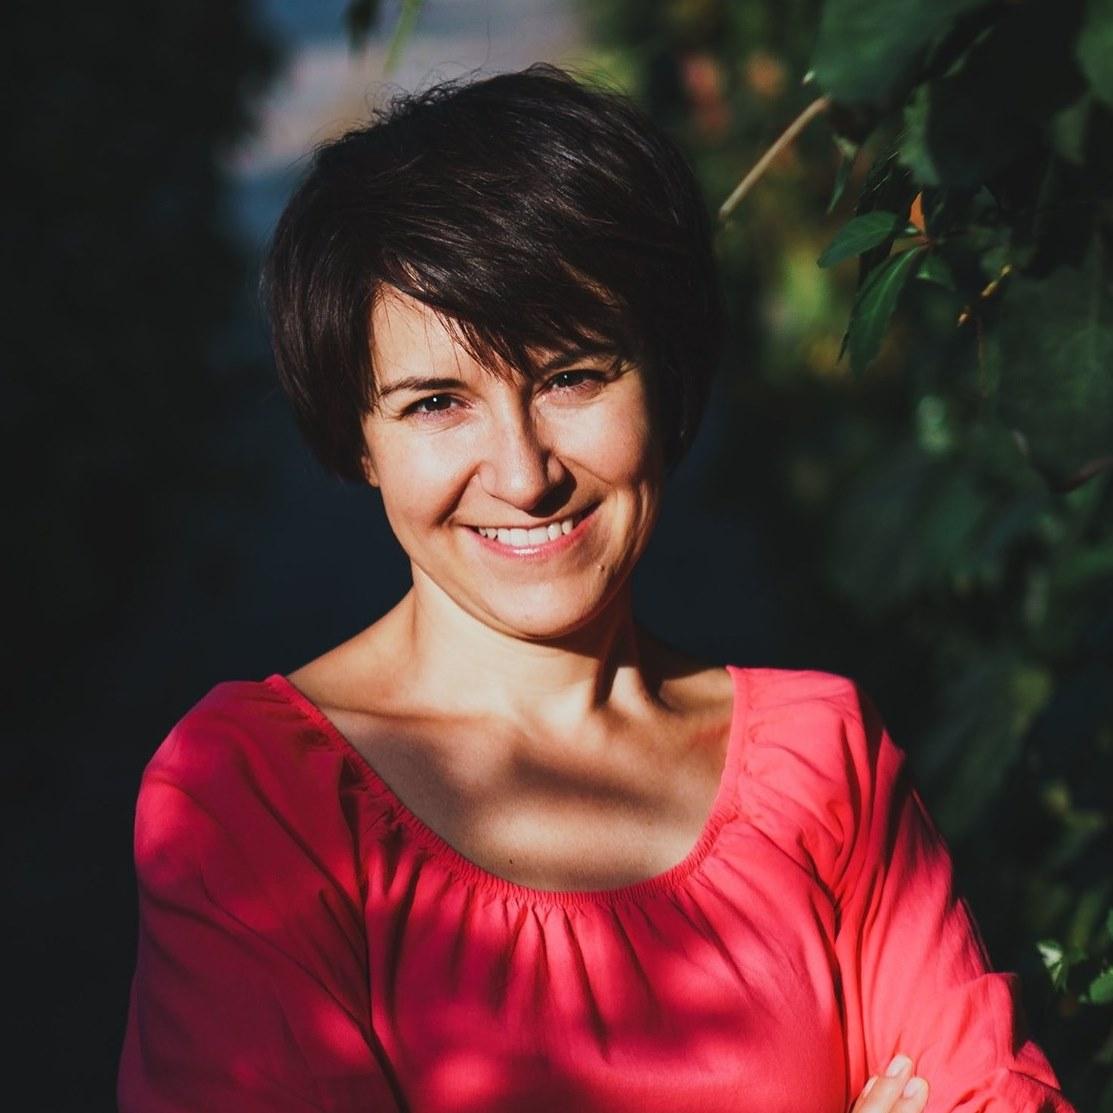 Nataliya Solomatina